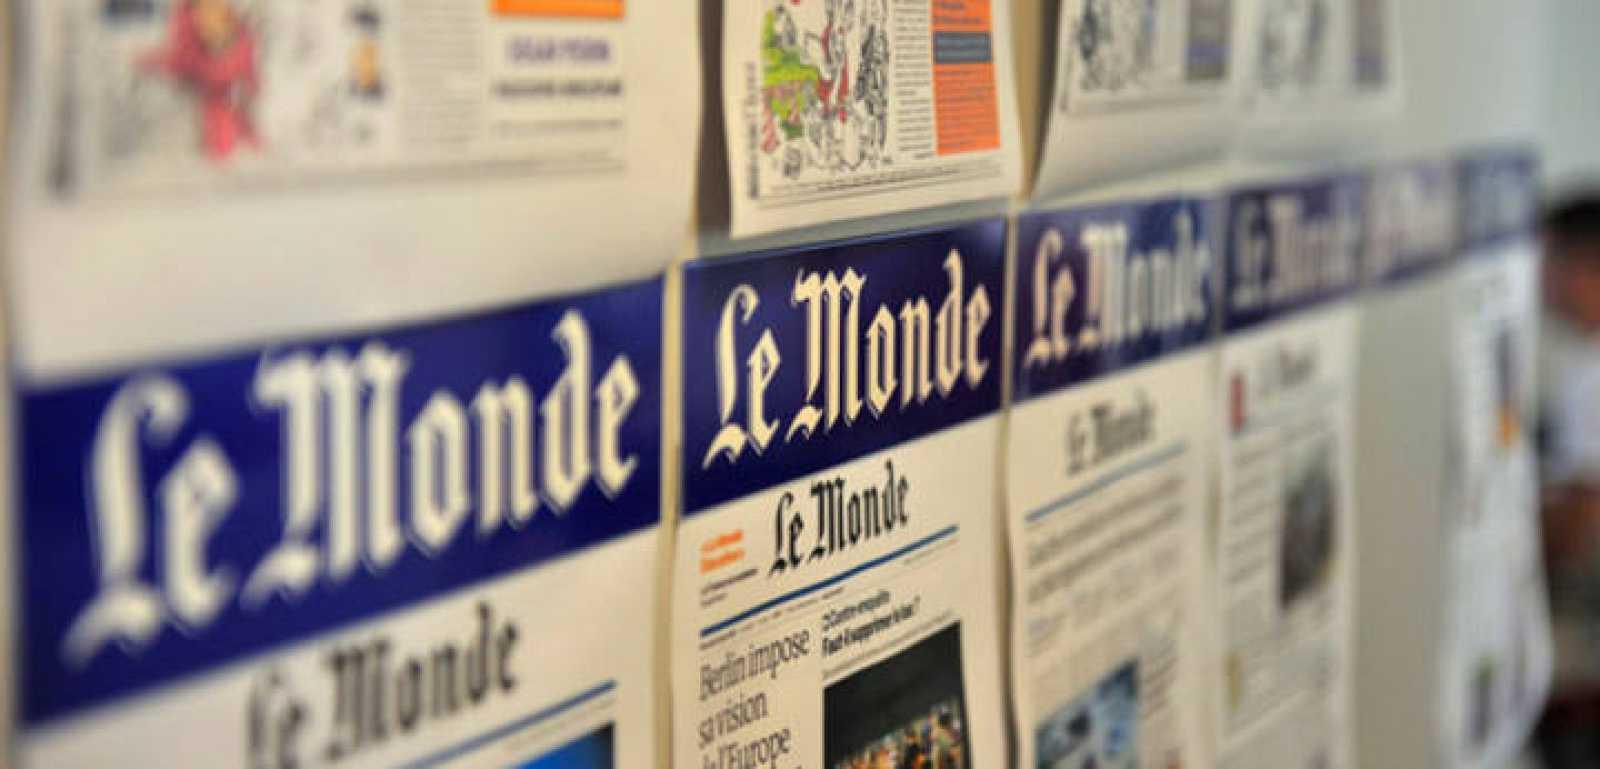 El diario francés Le Monde elige como nuevo dueño un consorcio vetado por Sarkozy